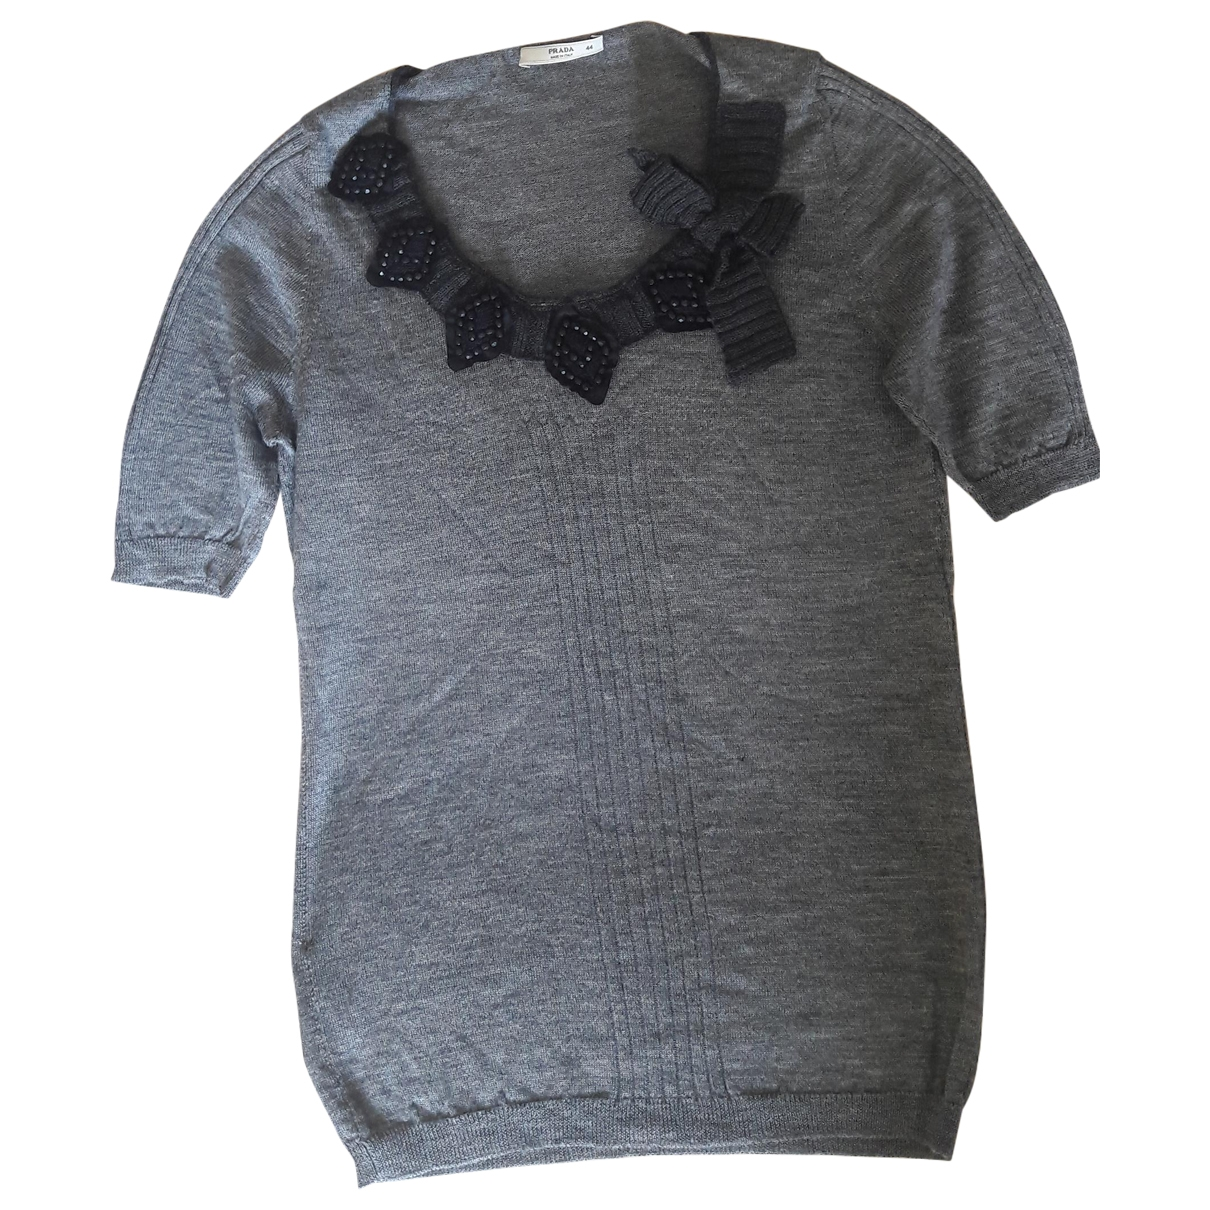 Prada - Top   pour femme en laine - anthracite